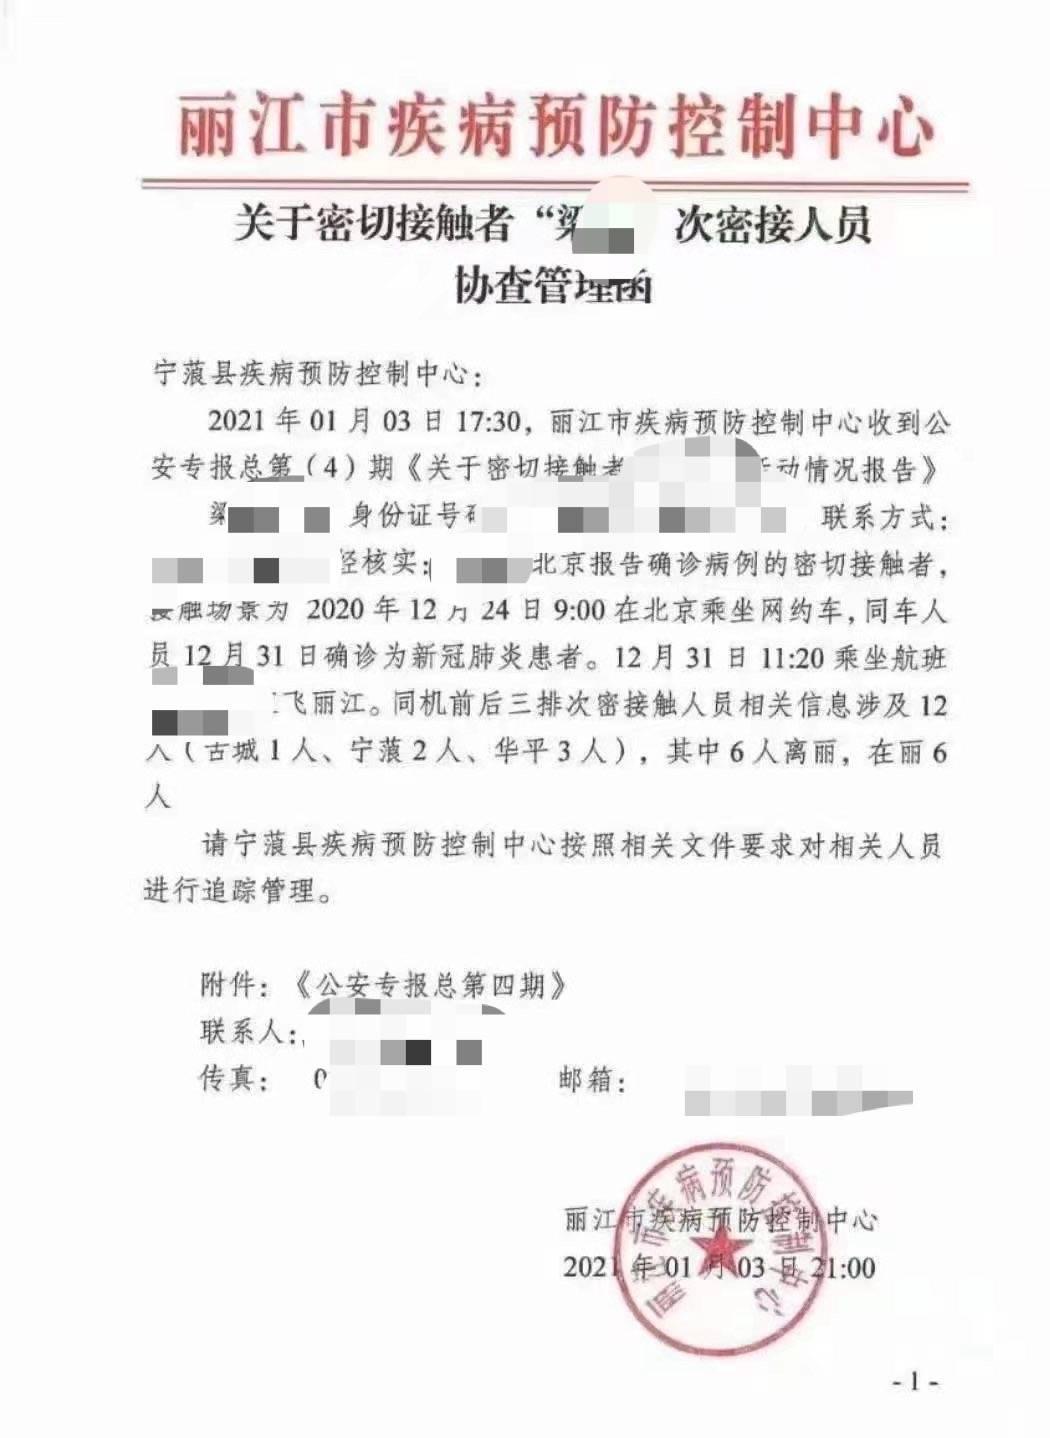 """""""丽江信息泄露""""密接者:辱骂和骚扰给我造成了很大伤害"""